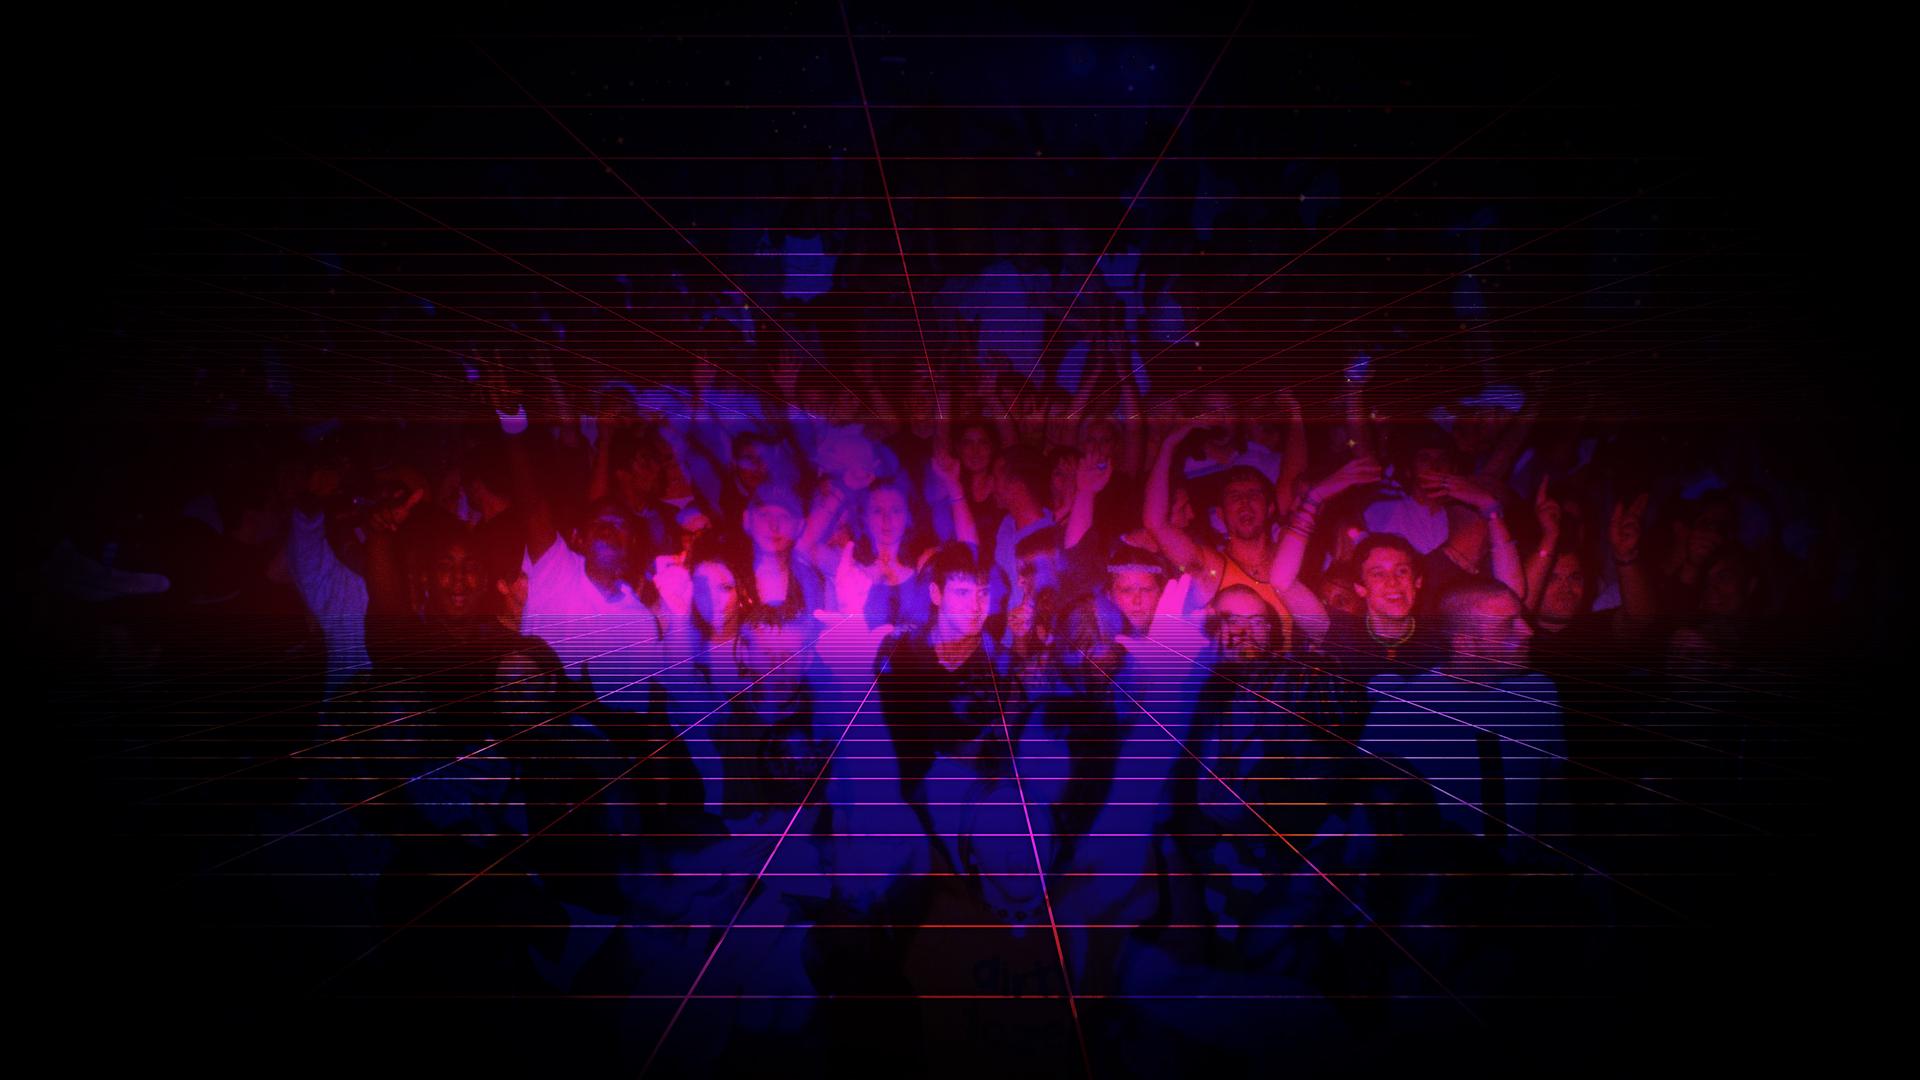 3.000 άτομα κάθε βράδυ: Το πρωτοπόρο club των '90s που έγινε ο ναός της νεολαίας (Pics)